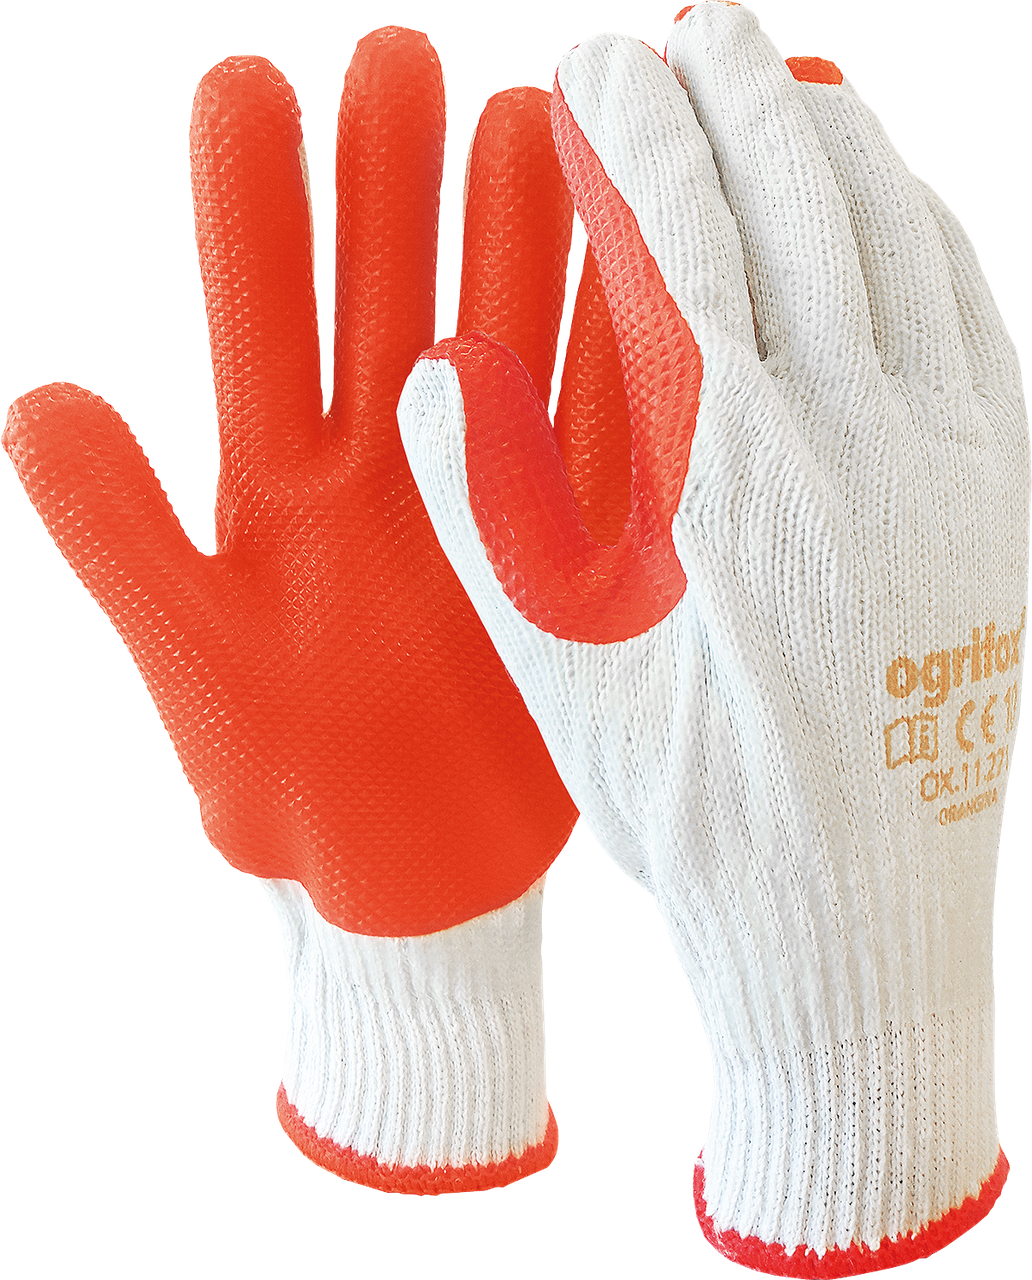 Перчатки рабочие для стекольщика и каменщика OX-ORANGINA WP  Reis Польша